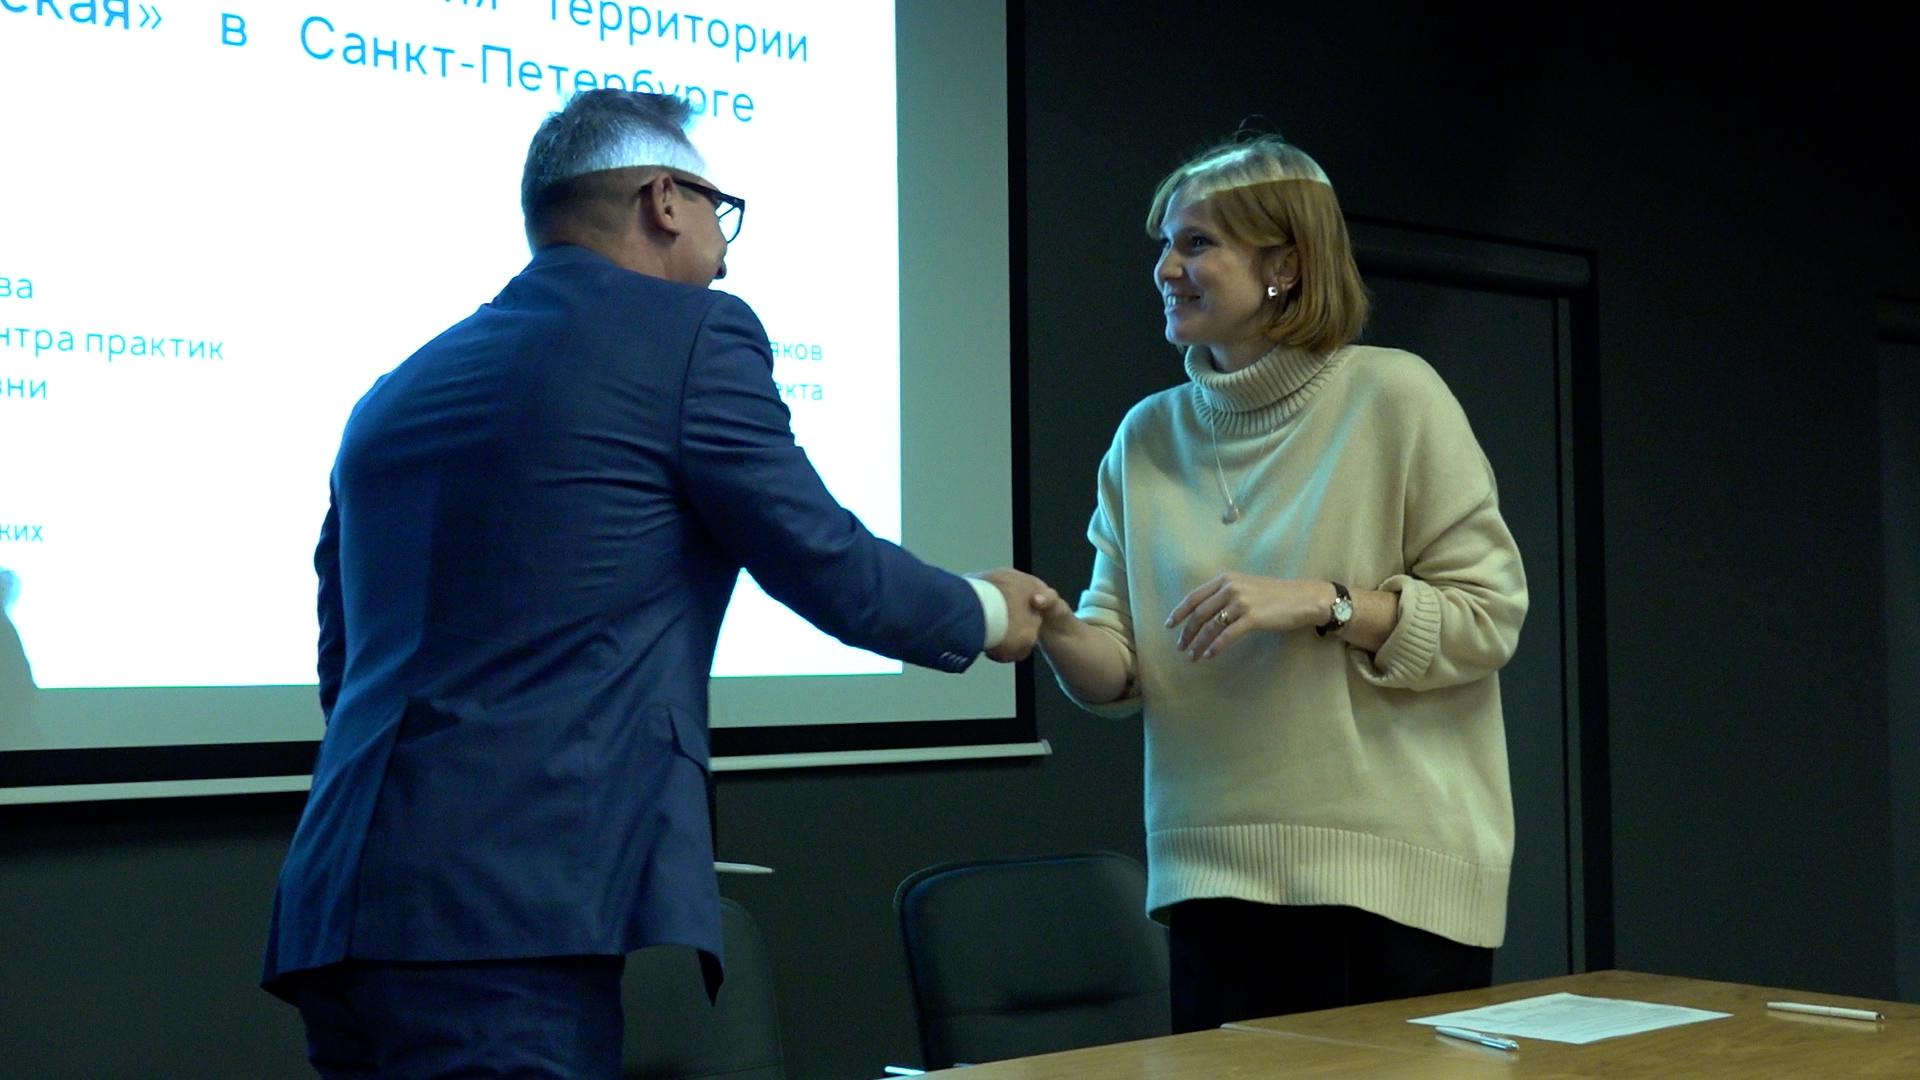 «Мегалайн» и АСИ подписали дорожные карты «Горской» и ТПУ в Петербурге Общество